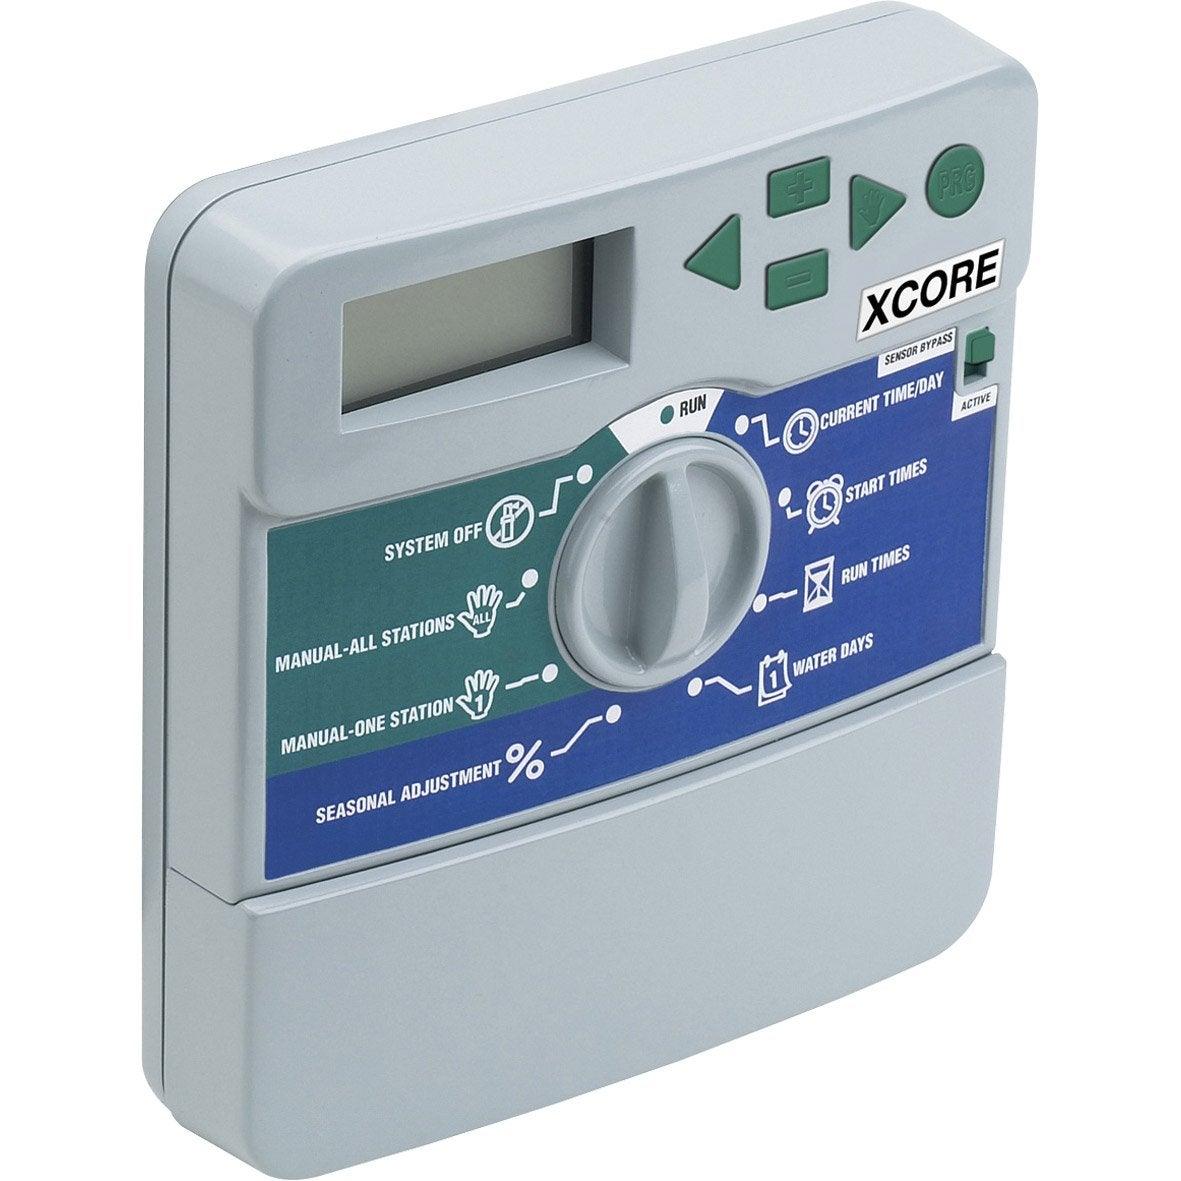 Programmateur electrique hunter xcore4 multivoie leroy merlin - Arrosage automatique leroy merlin ...